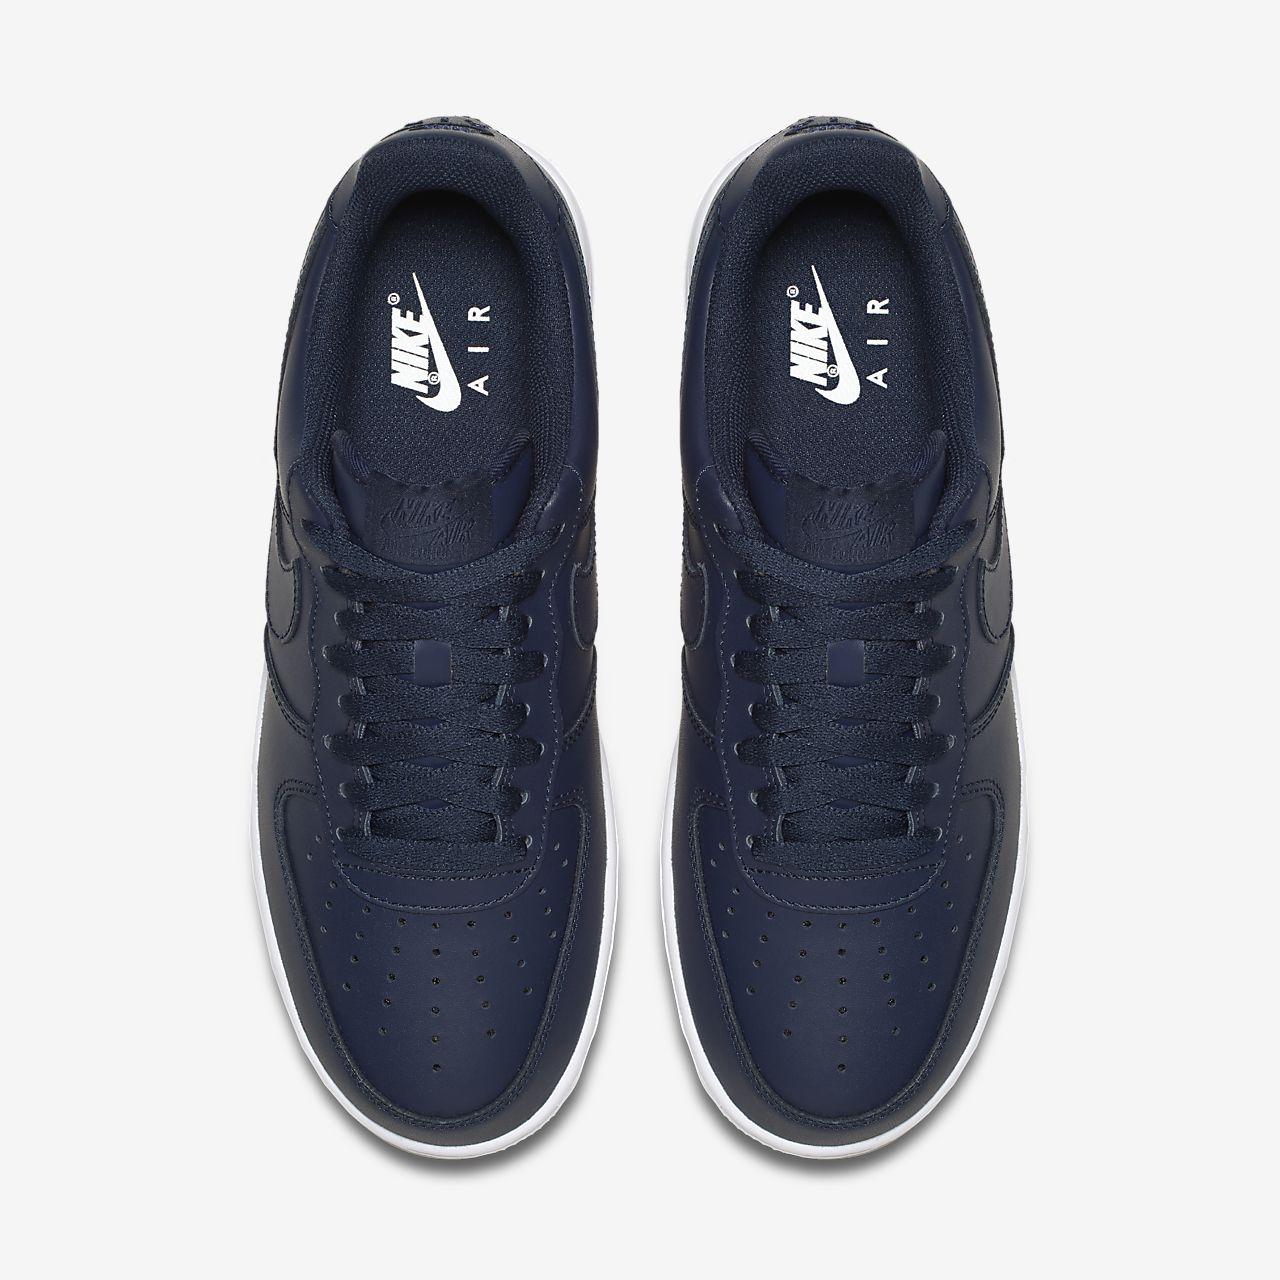 Sapatilhas Nike Air Force 1 07 para homem